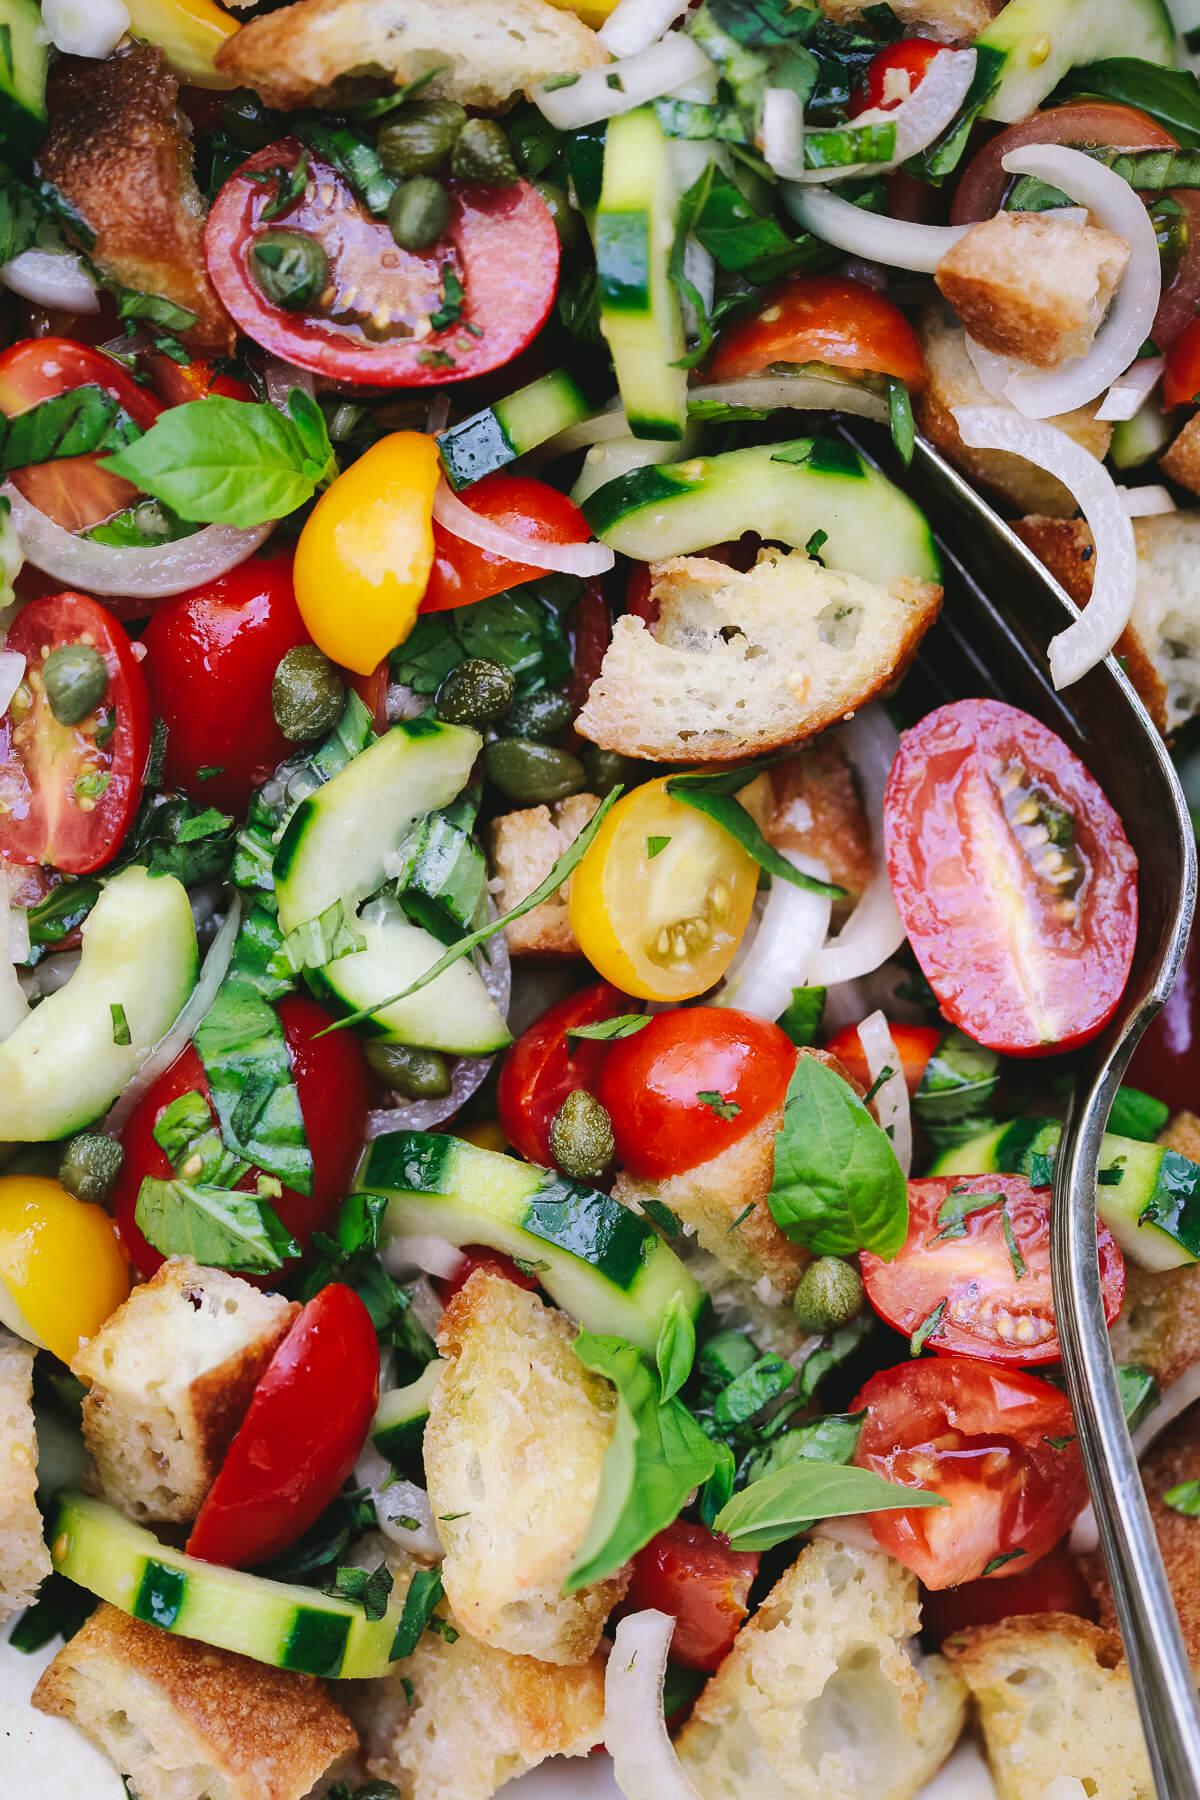 Panzanella Salad Italian Tomato Bread Salad Recipe